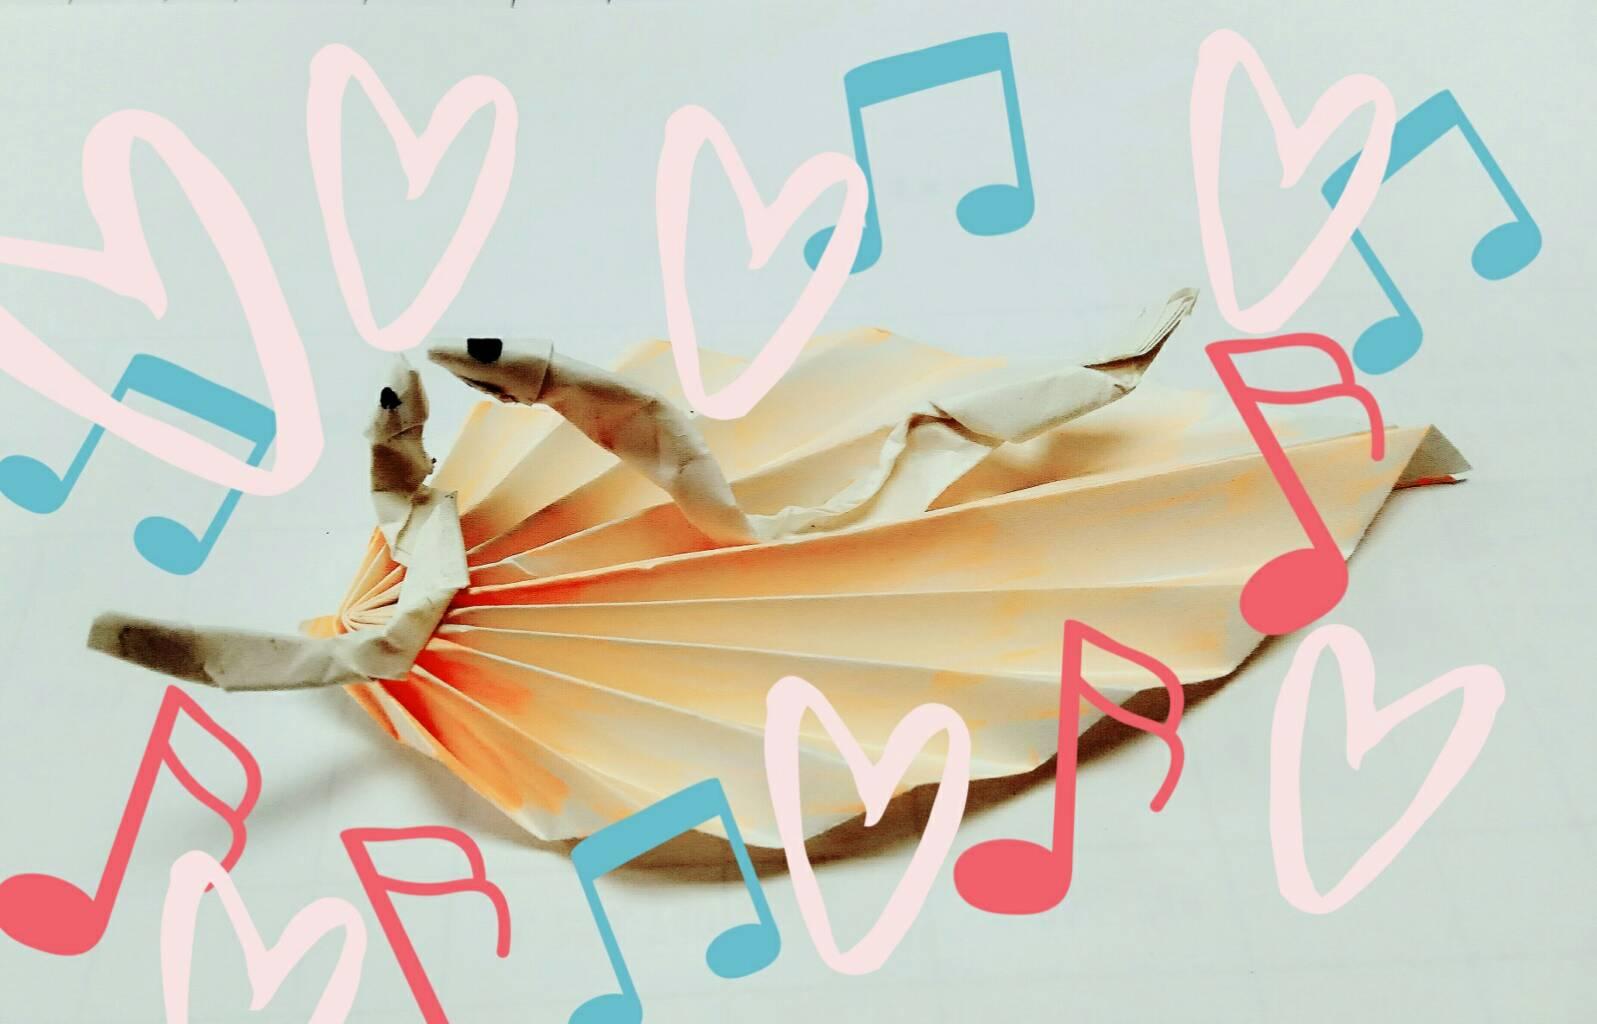 大提琴教學-大堤琴初學注意事項和學習方法